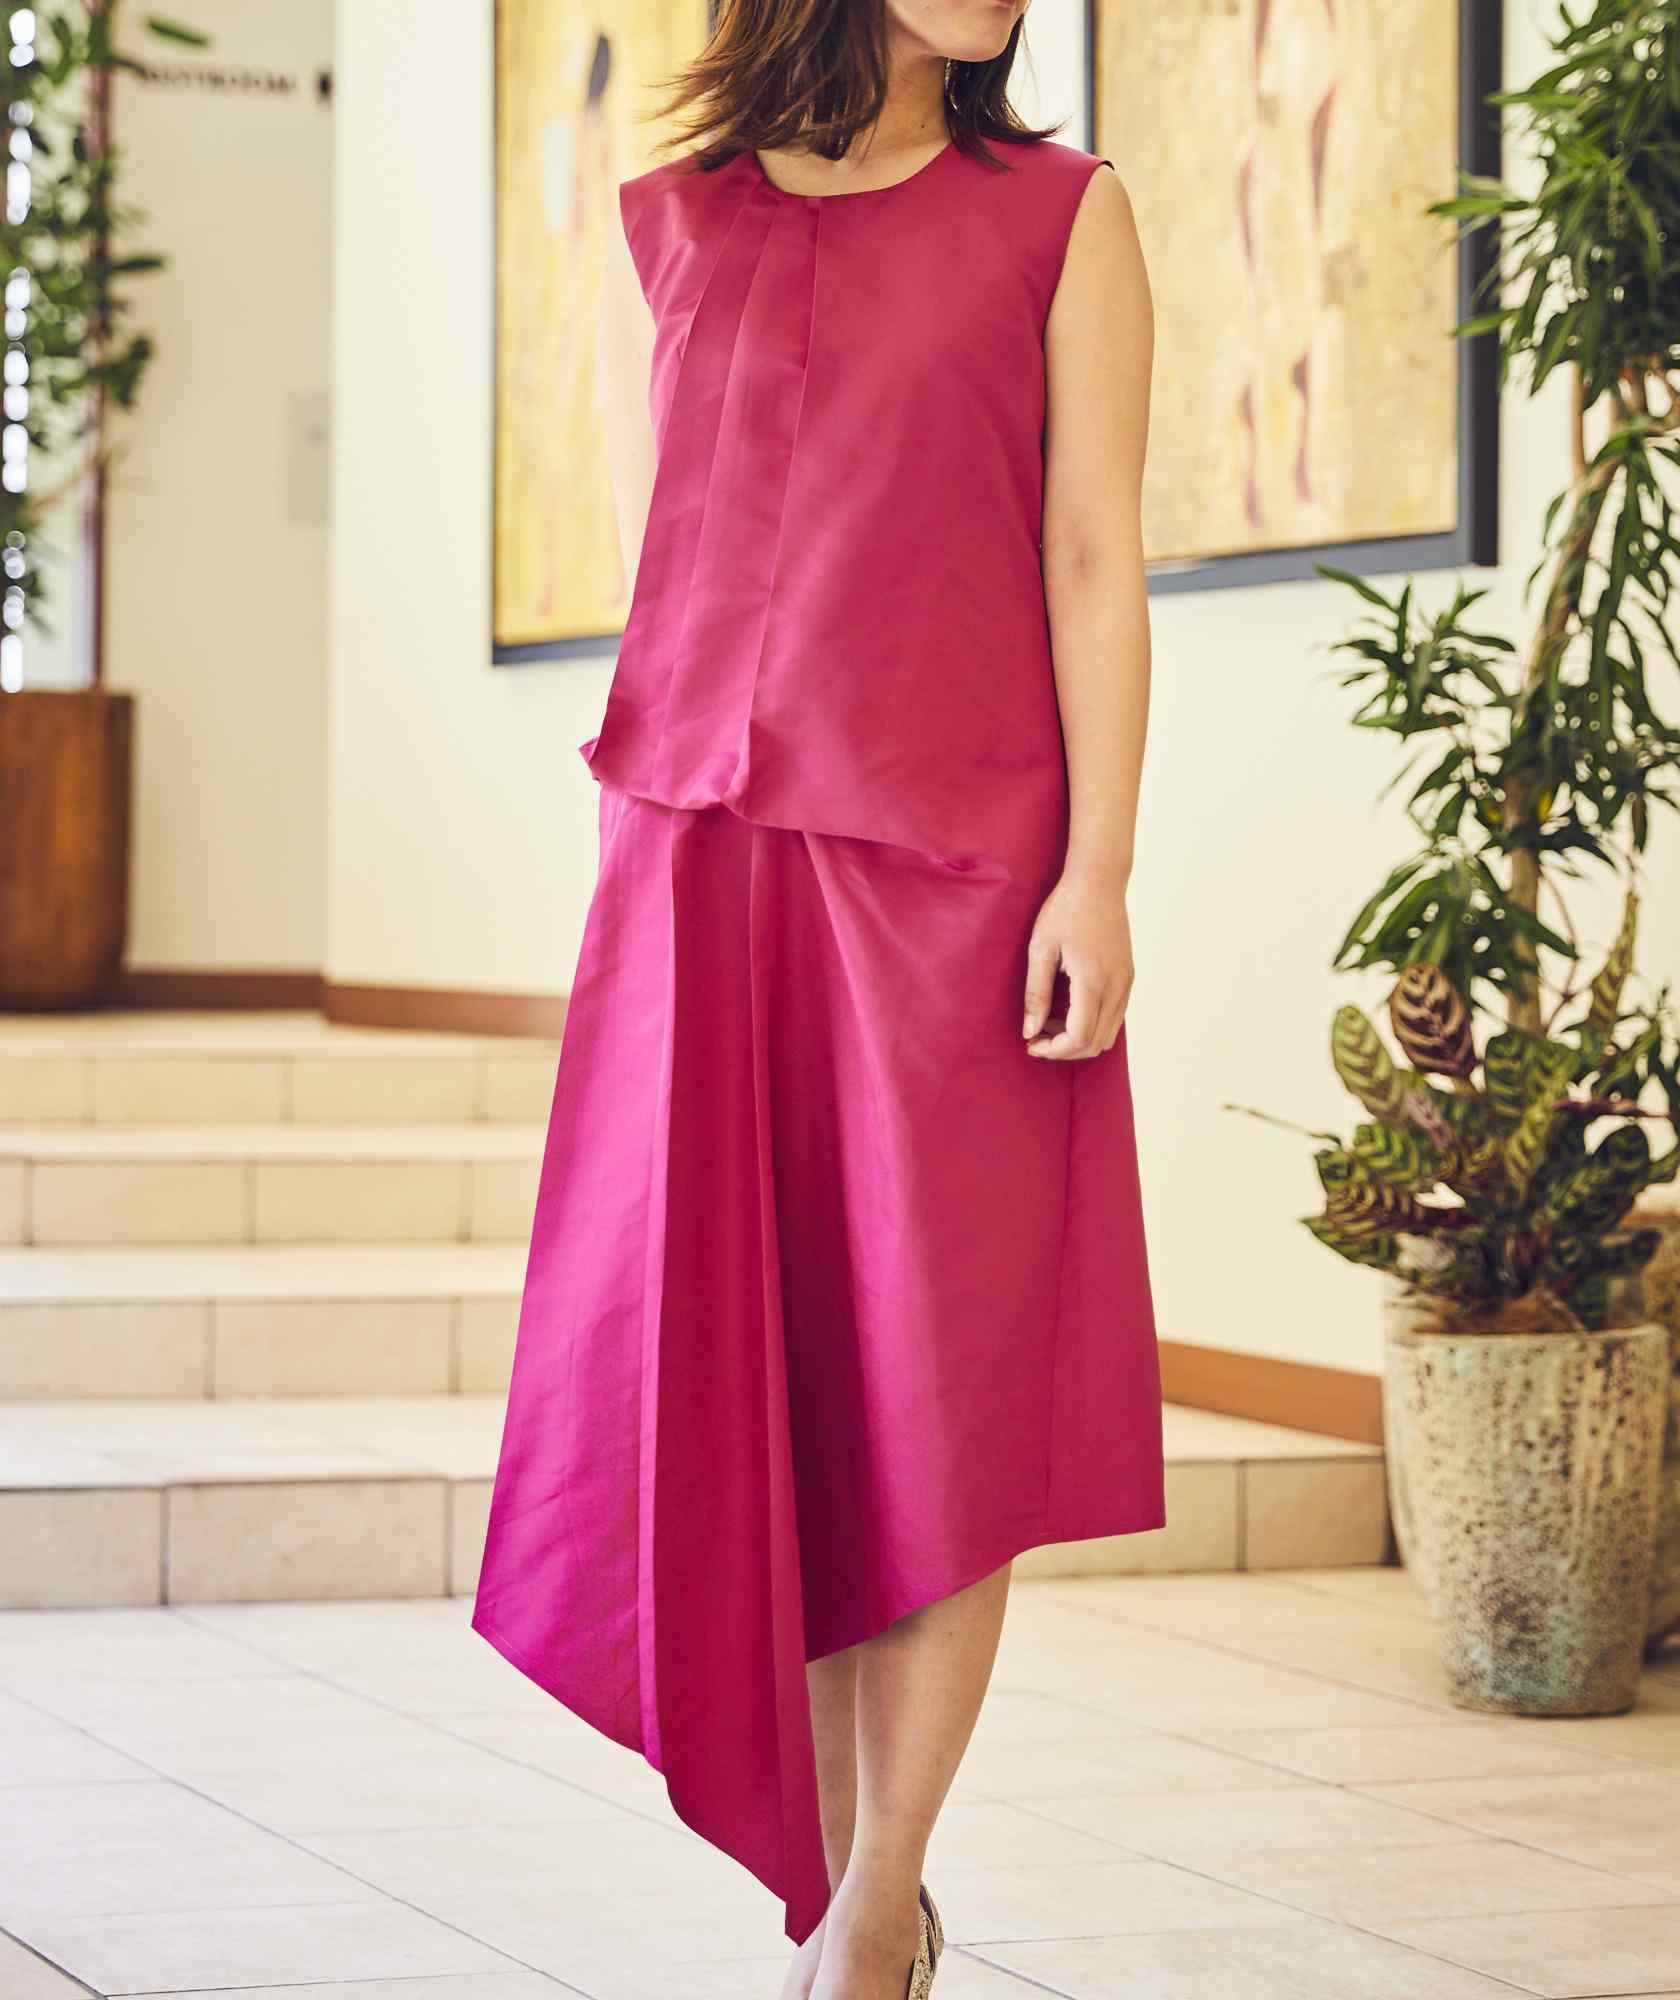 クルーネックデザイントップOGAラインミディアムドレス-ピンク-S